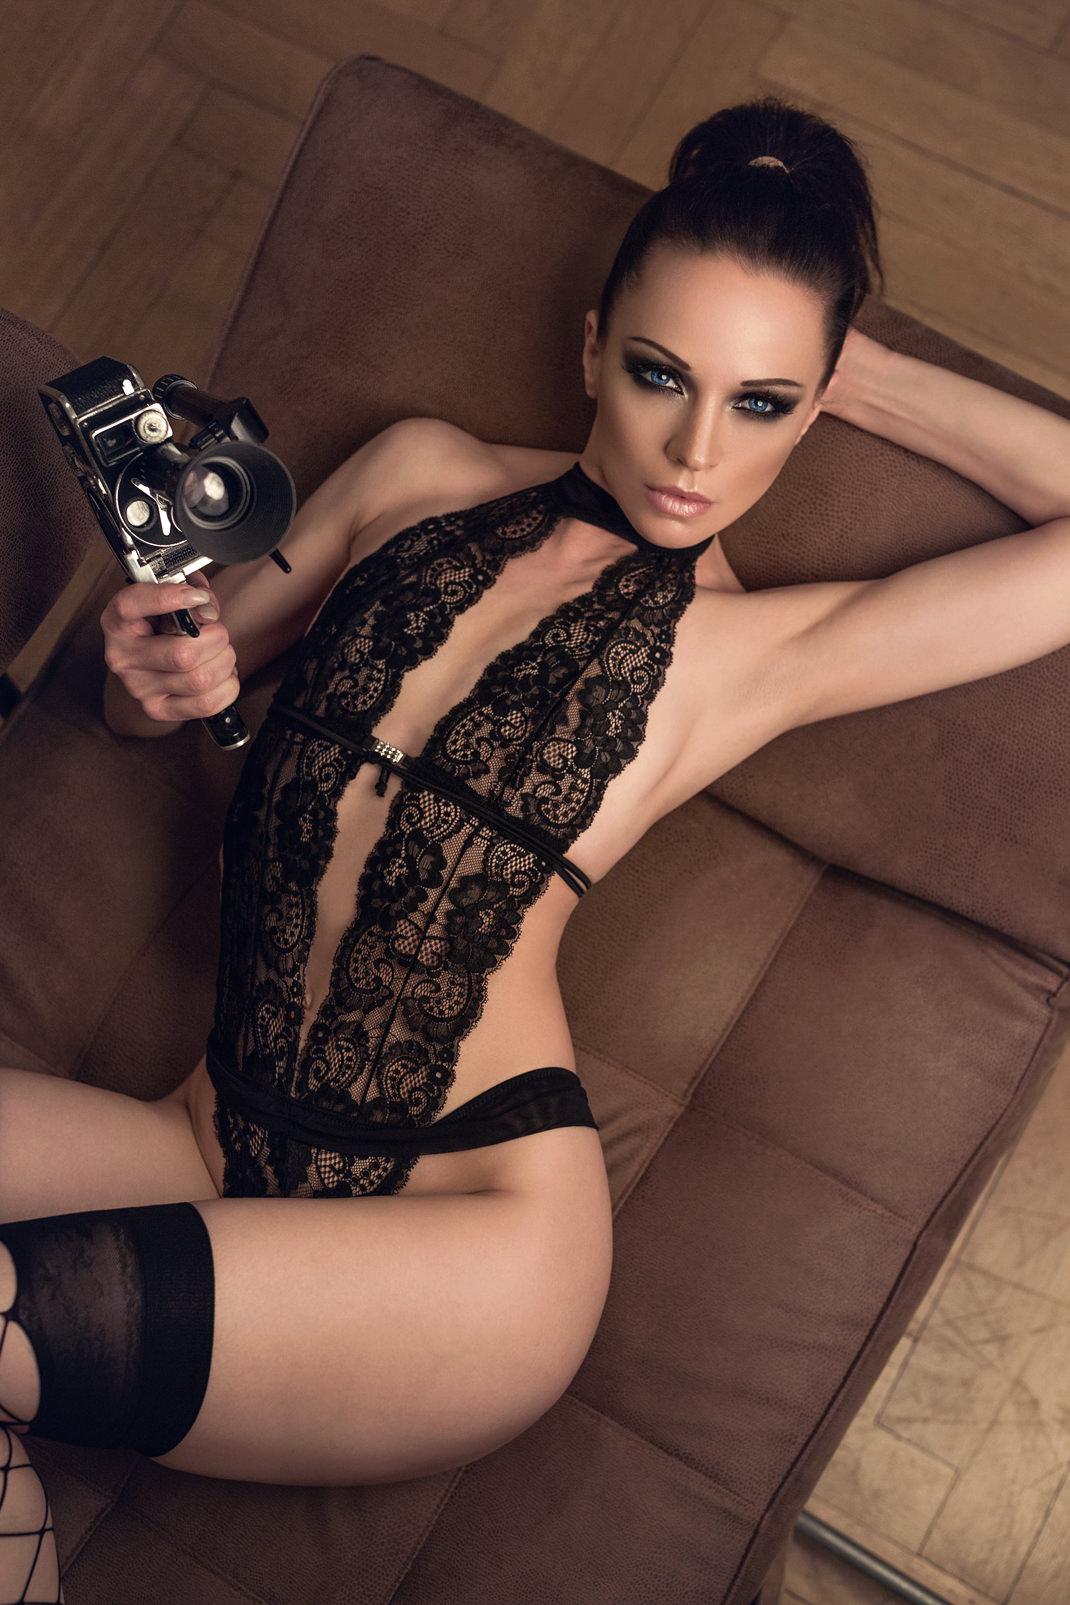 Two Beauties - Angélique & Bolex Paillard 8mm - Markus Hertzsch - Camera - Girl